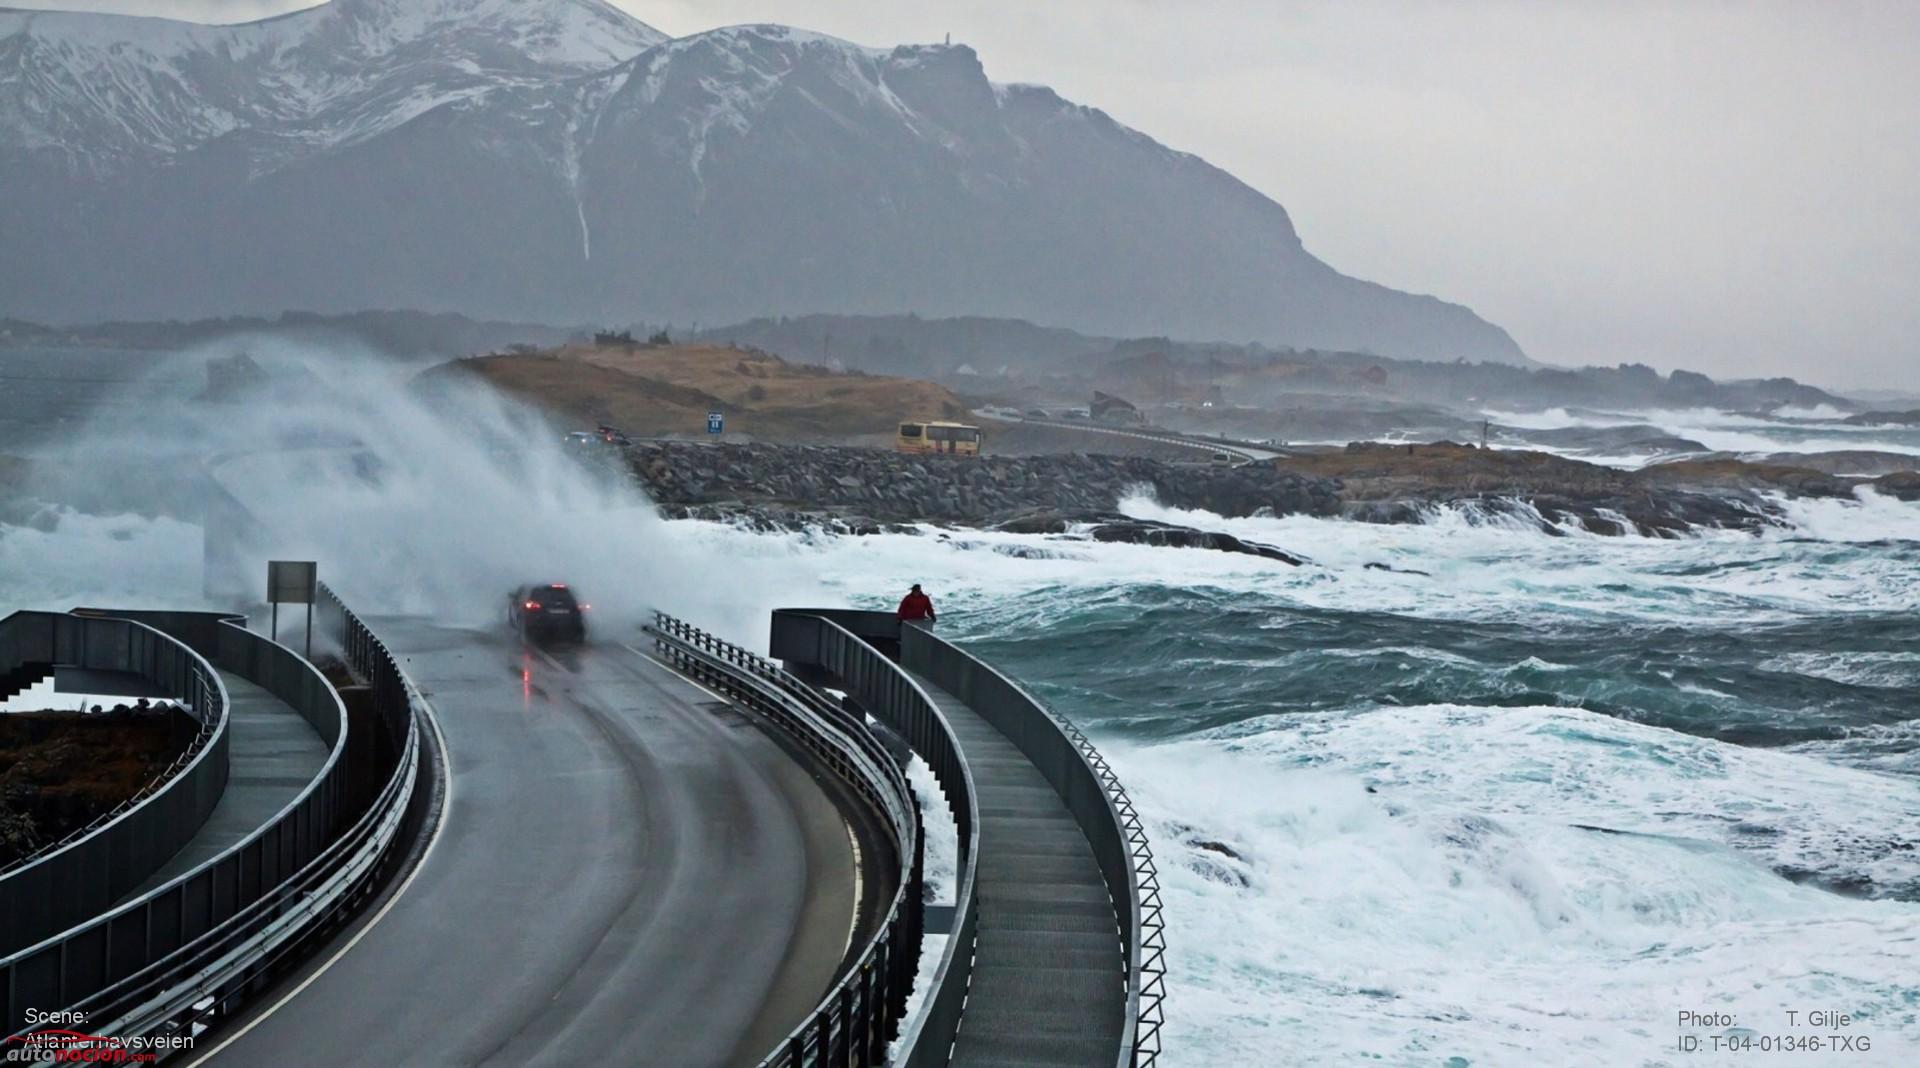 El miedo a conducir puede ocurrir por pensamientos catastróficos